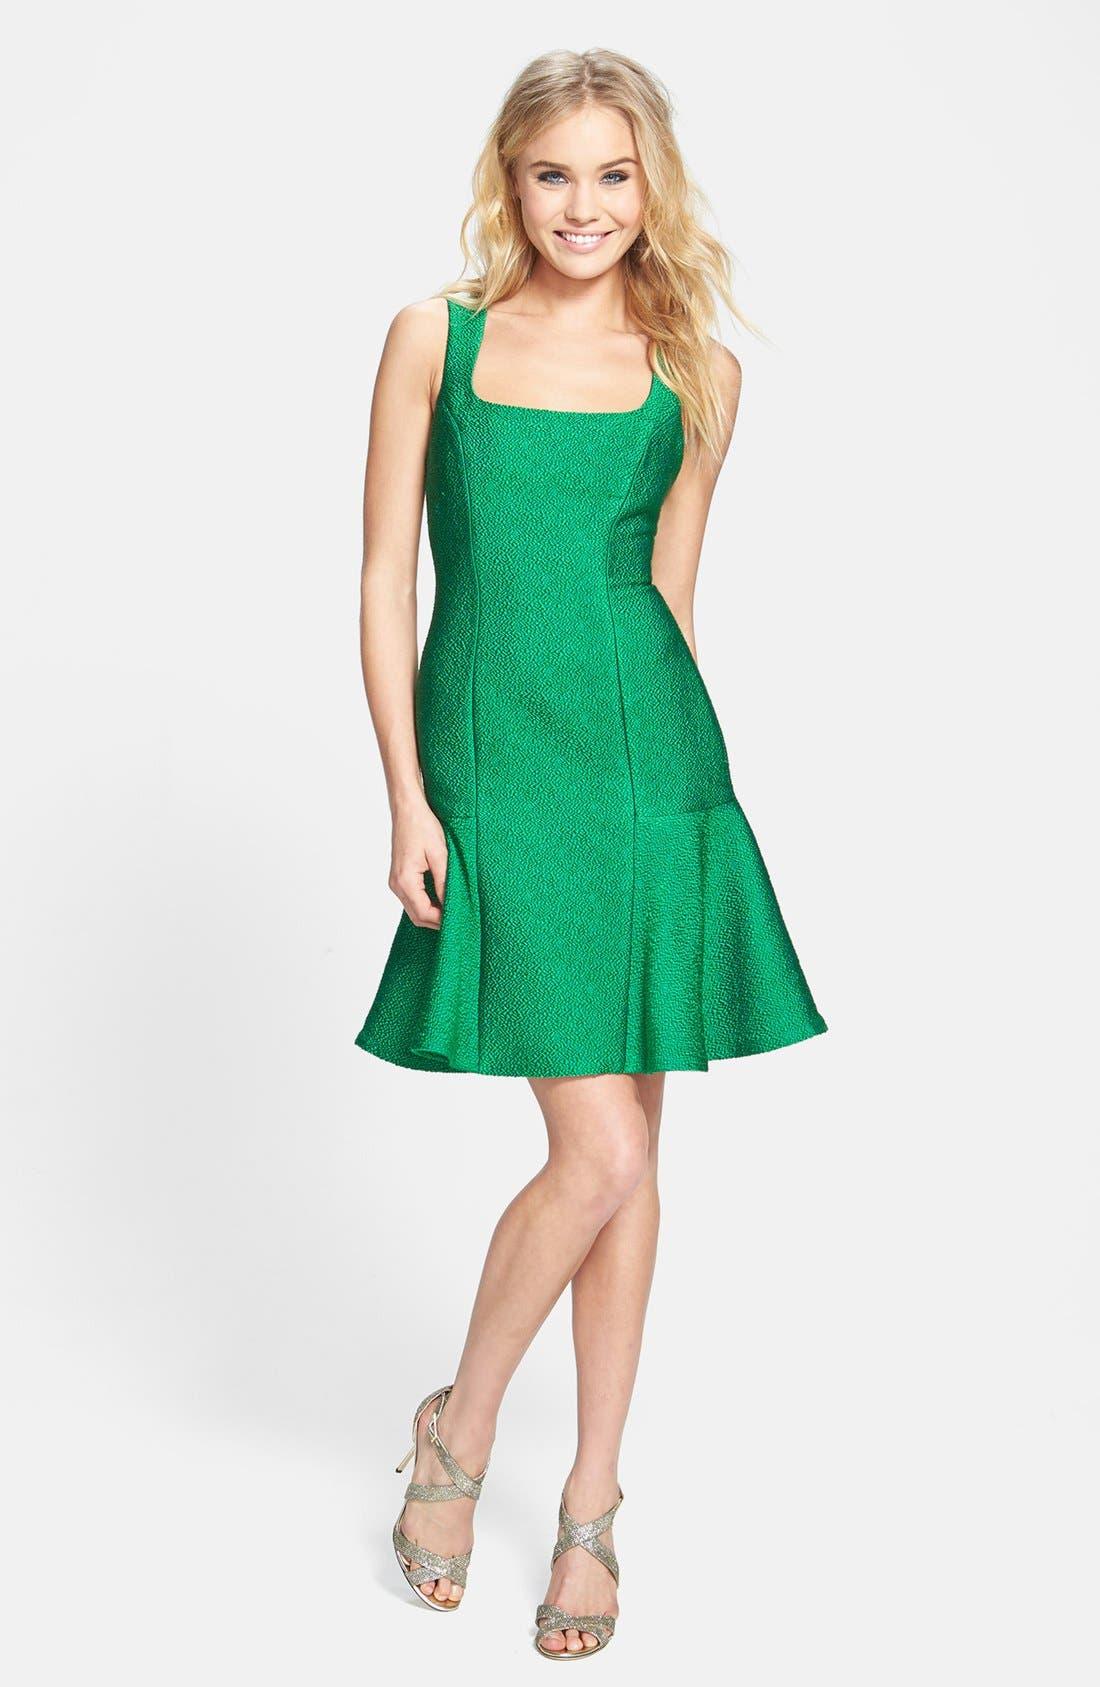 Alternate Image 1 Selected - ML Monique Lhuillier Jacquard Drop Waist Dress